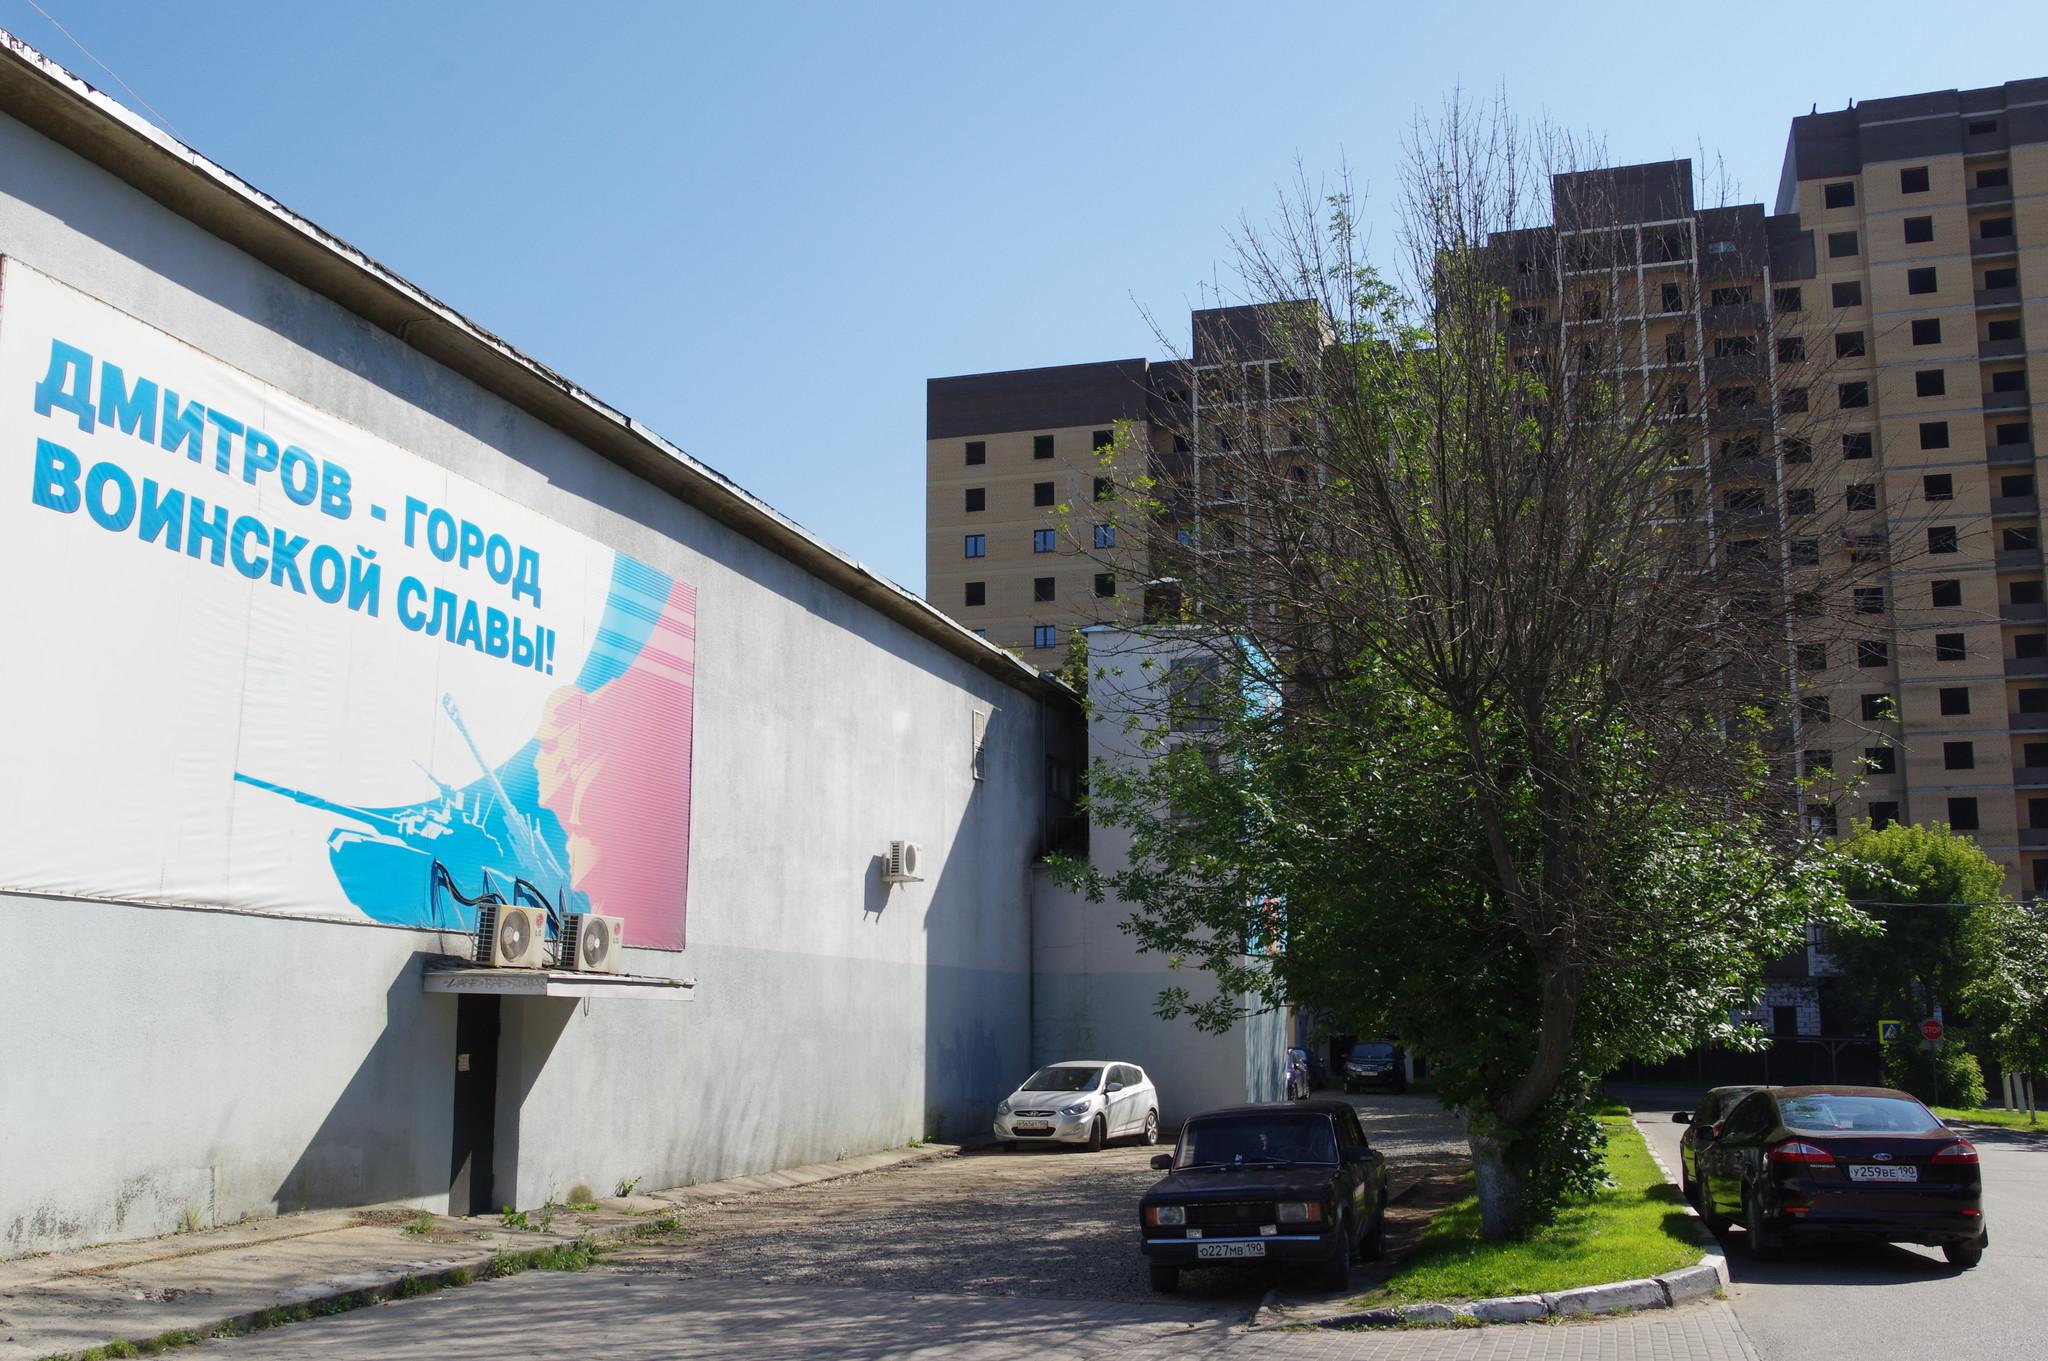 Дмитров - город воинской славы